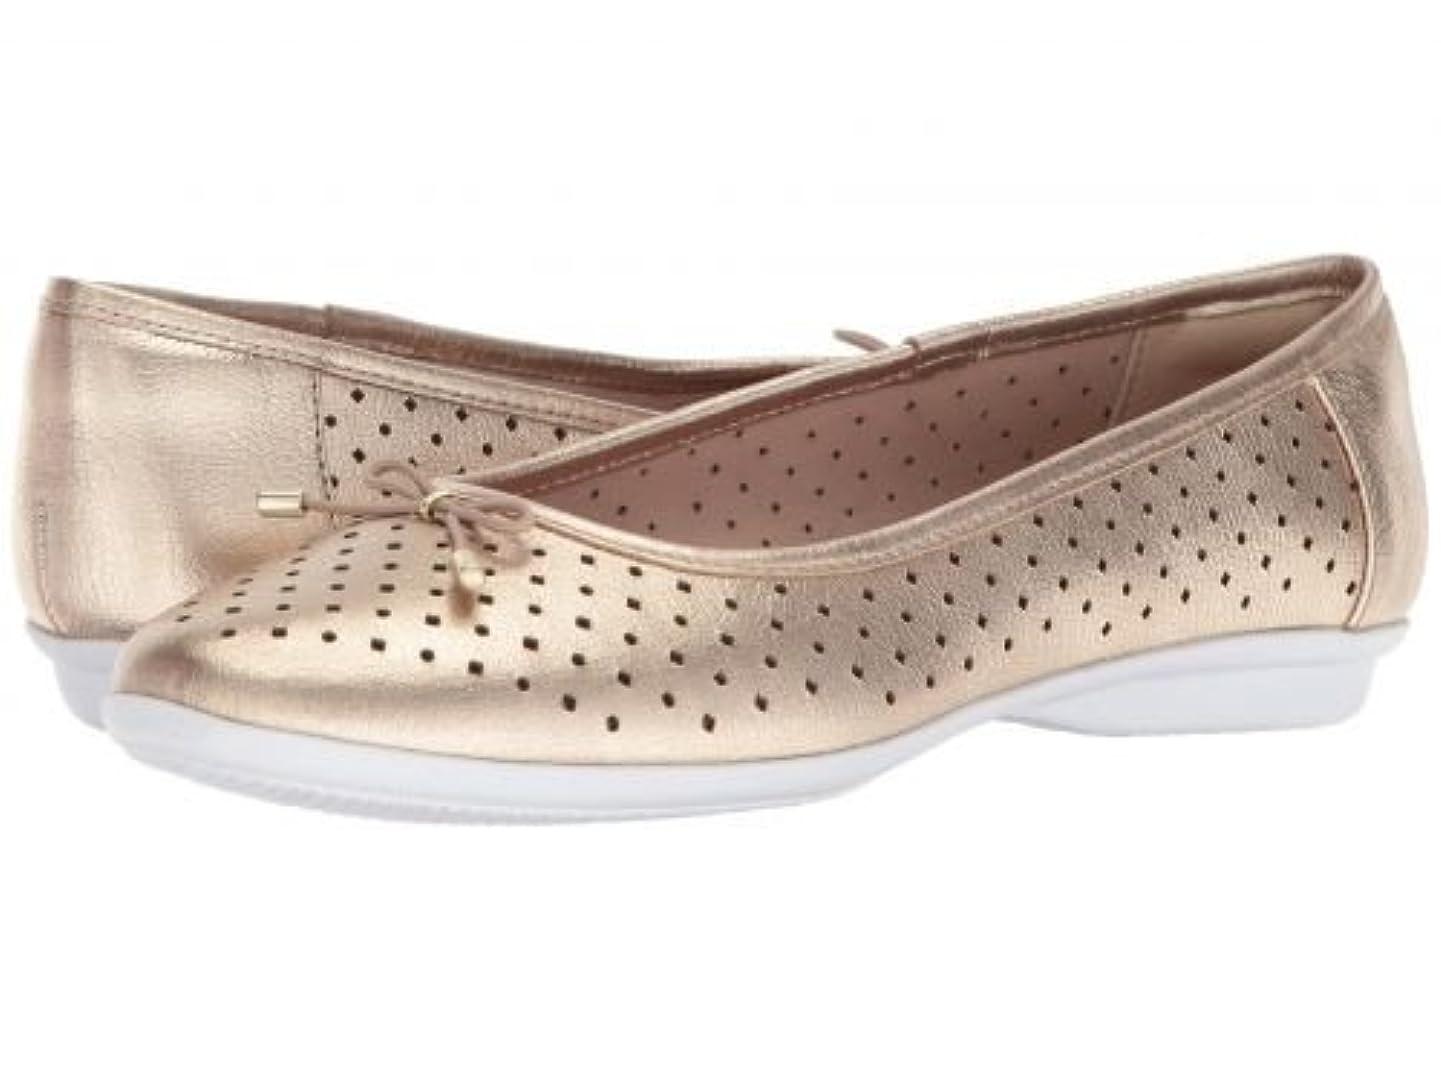 補うワックス割り当てClarks(クラークス) レディース 女性用 シューズ 靴 フラット Gracelin Lea - Gold Metallic Leather [並行輸入品]